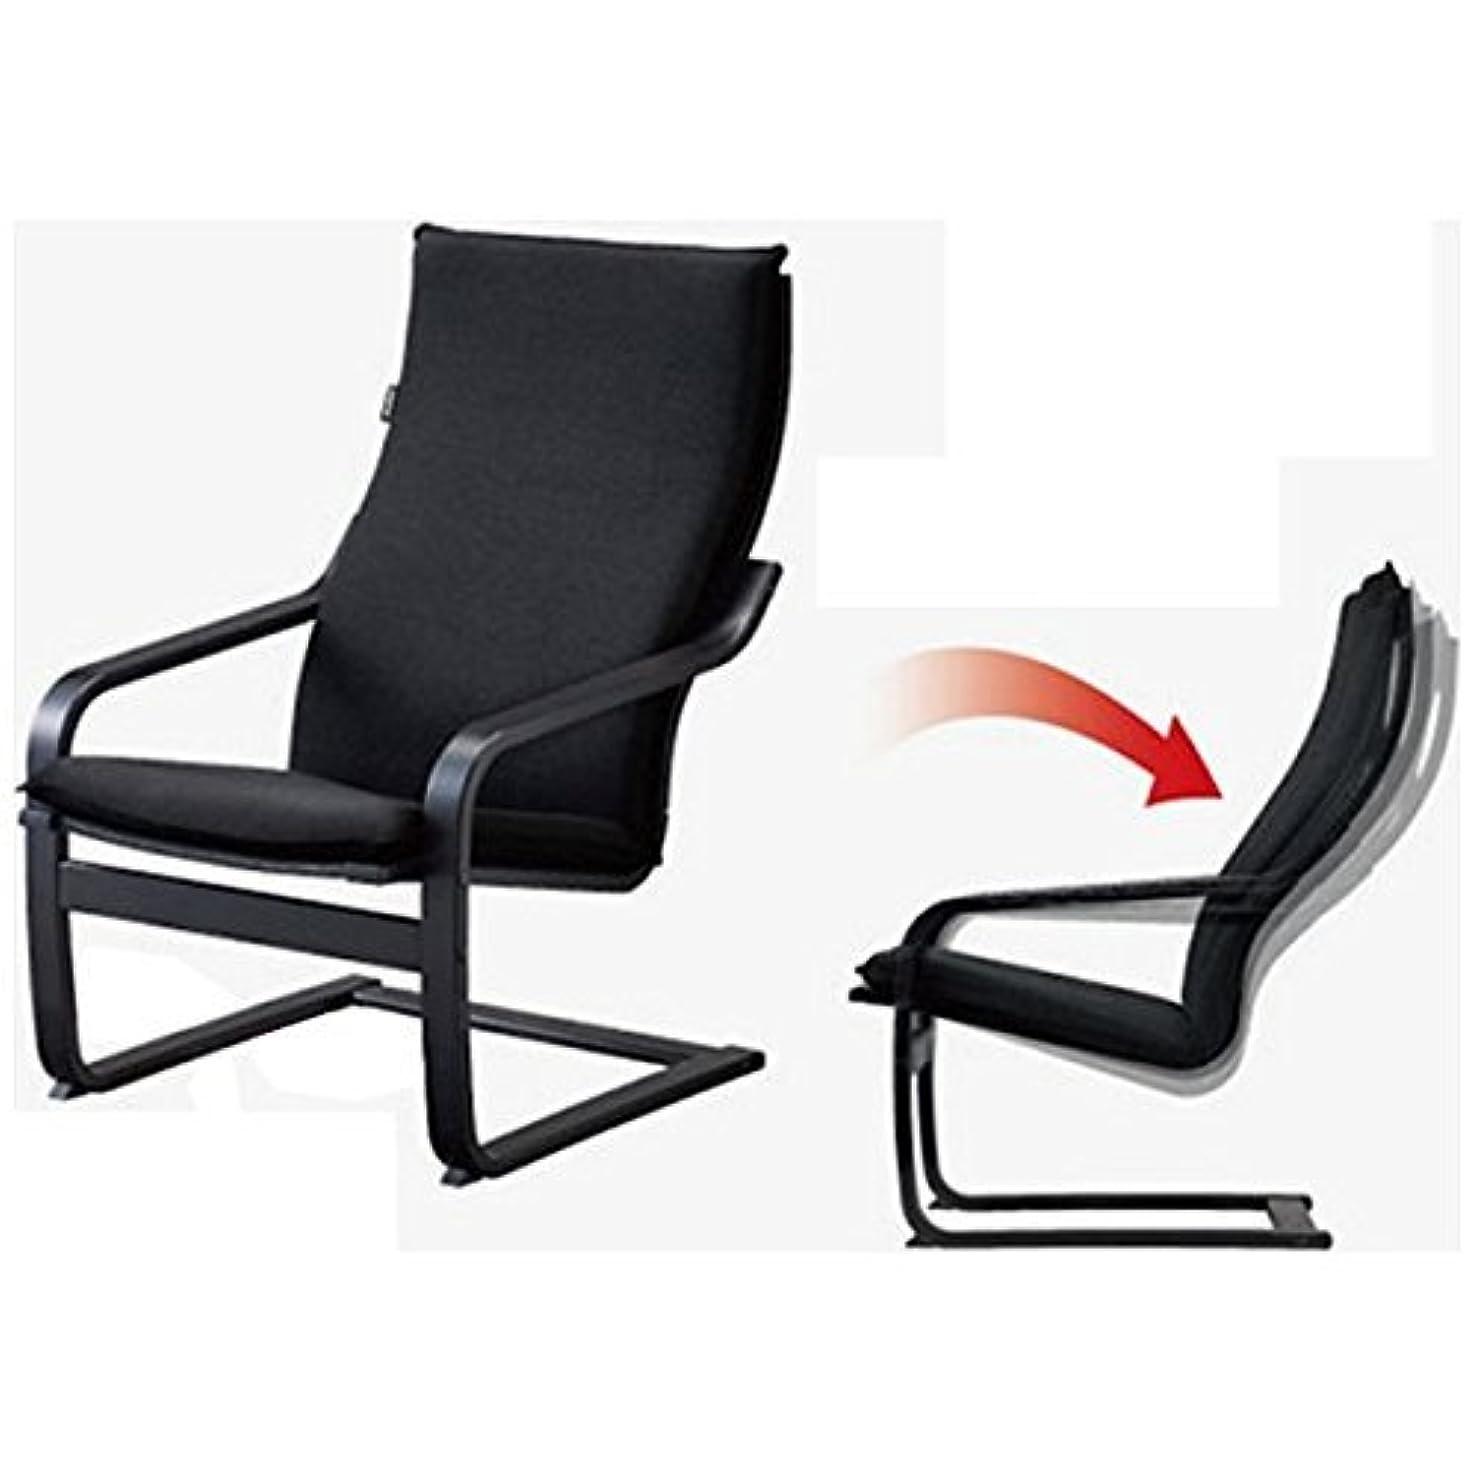 失望慢なズームフジ医療器 シートマッサージャー用チェア(ブラック)my relax(マイリラ) MRL-10C